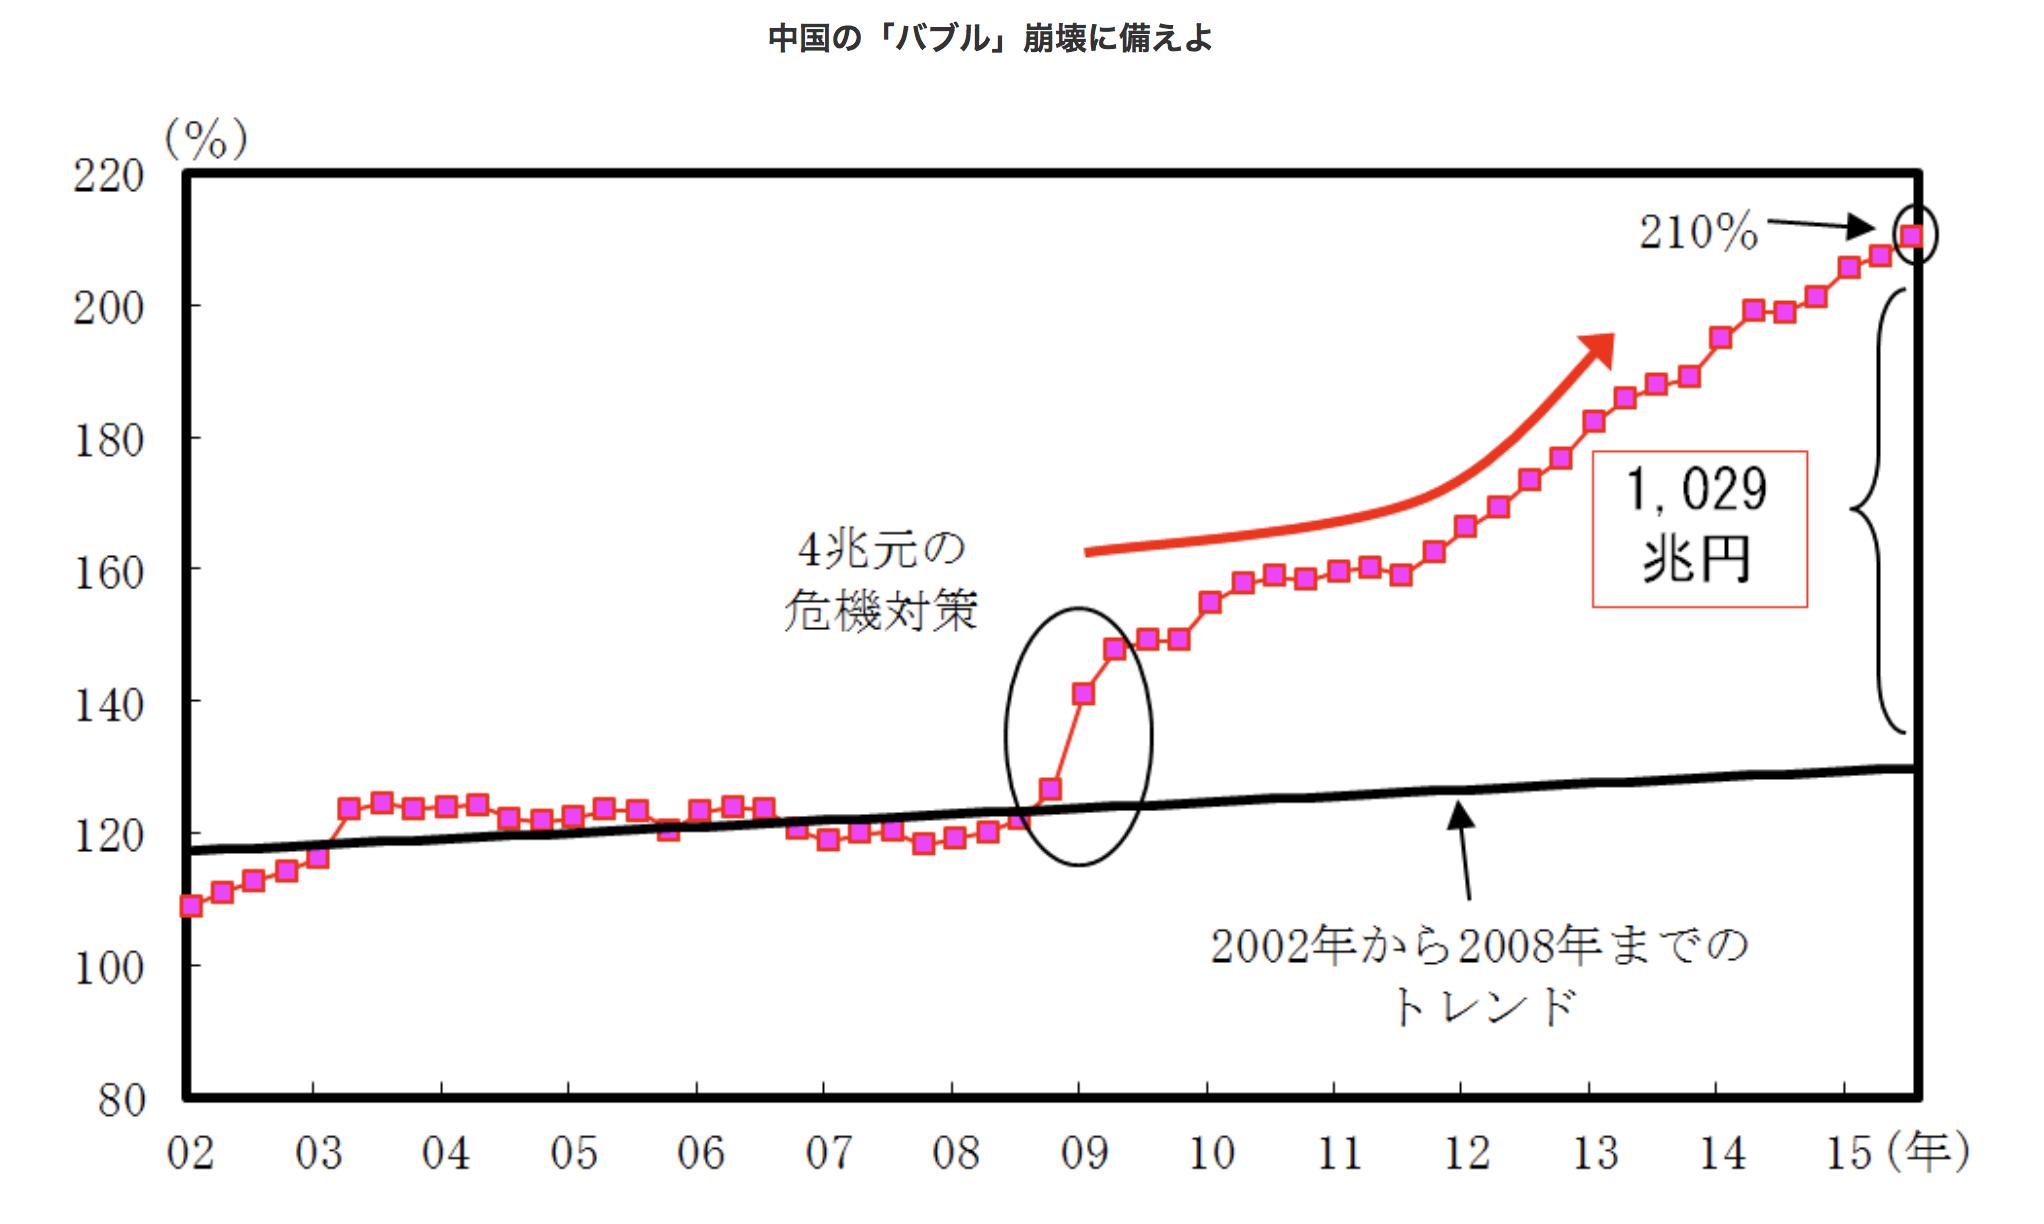 中国の社会融資総量残高